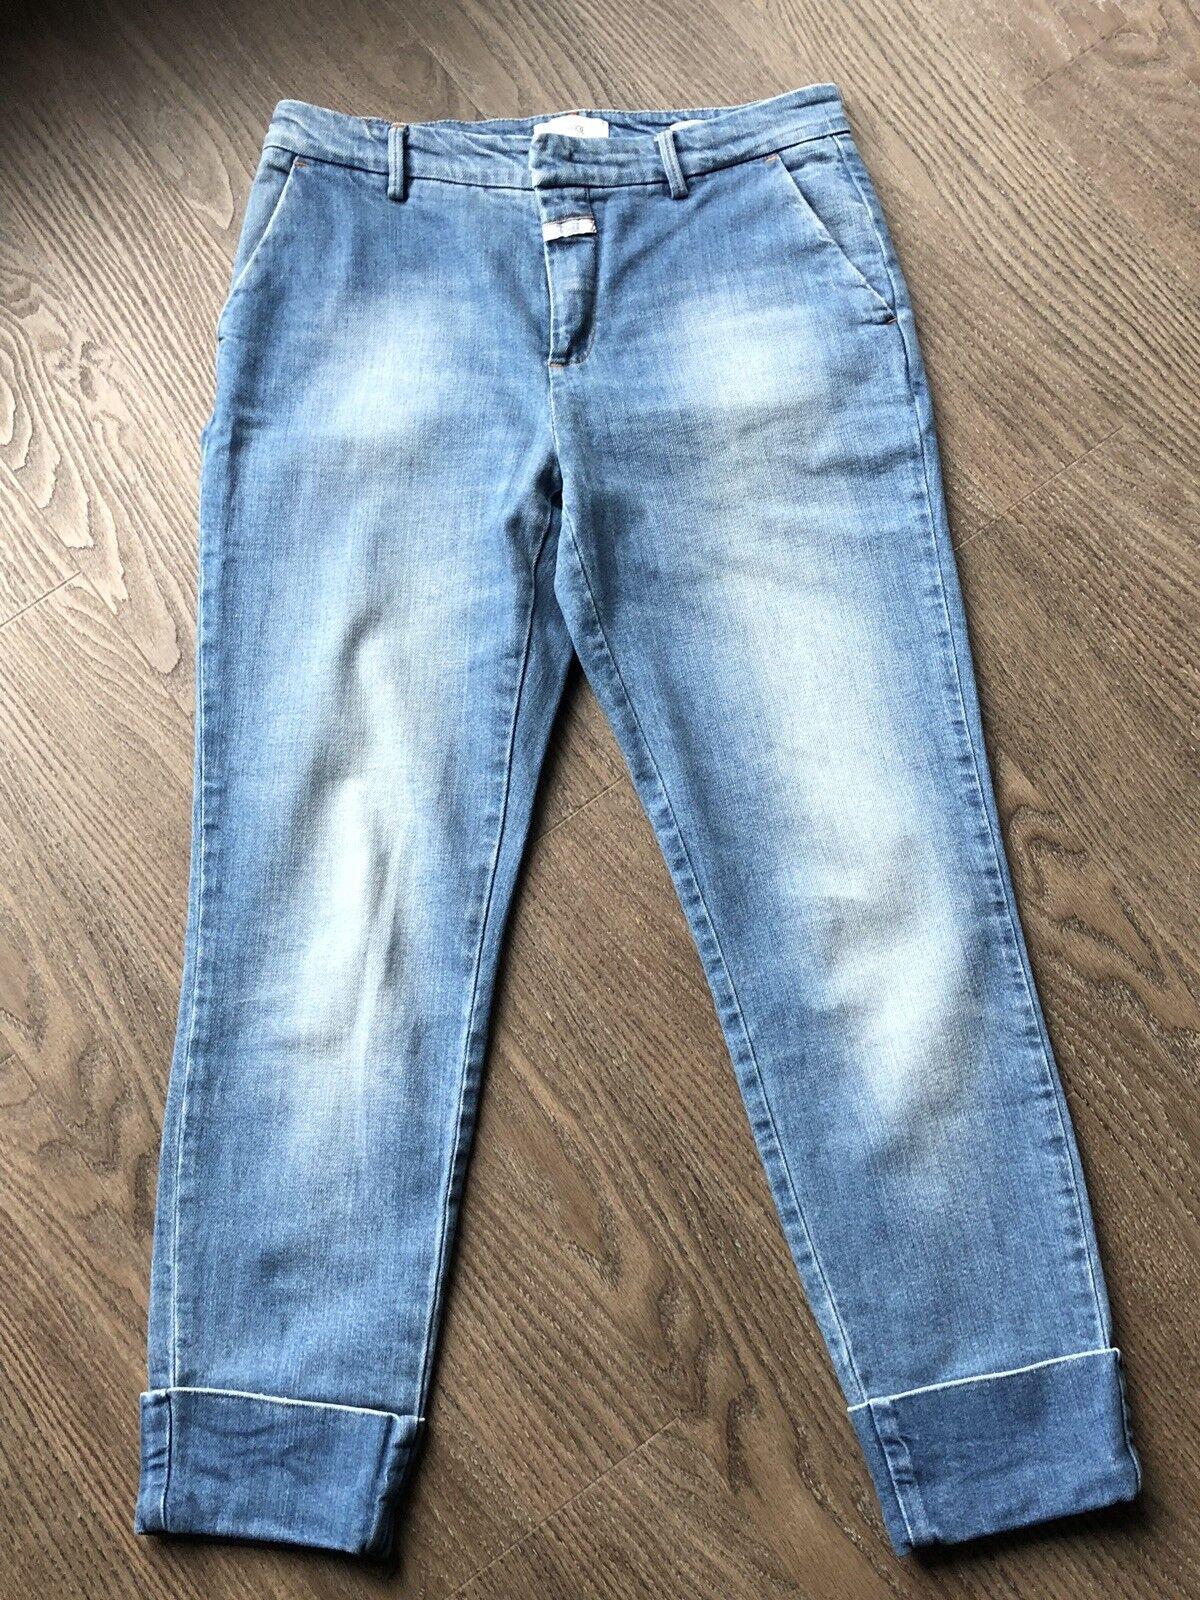 43d6b5f763c4b4 Closed Jeans Stewart Baumwolle Stretch Gr Gr Gr 25 Blau 7be03f ...